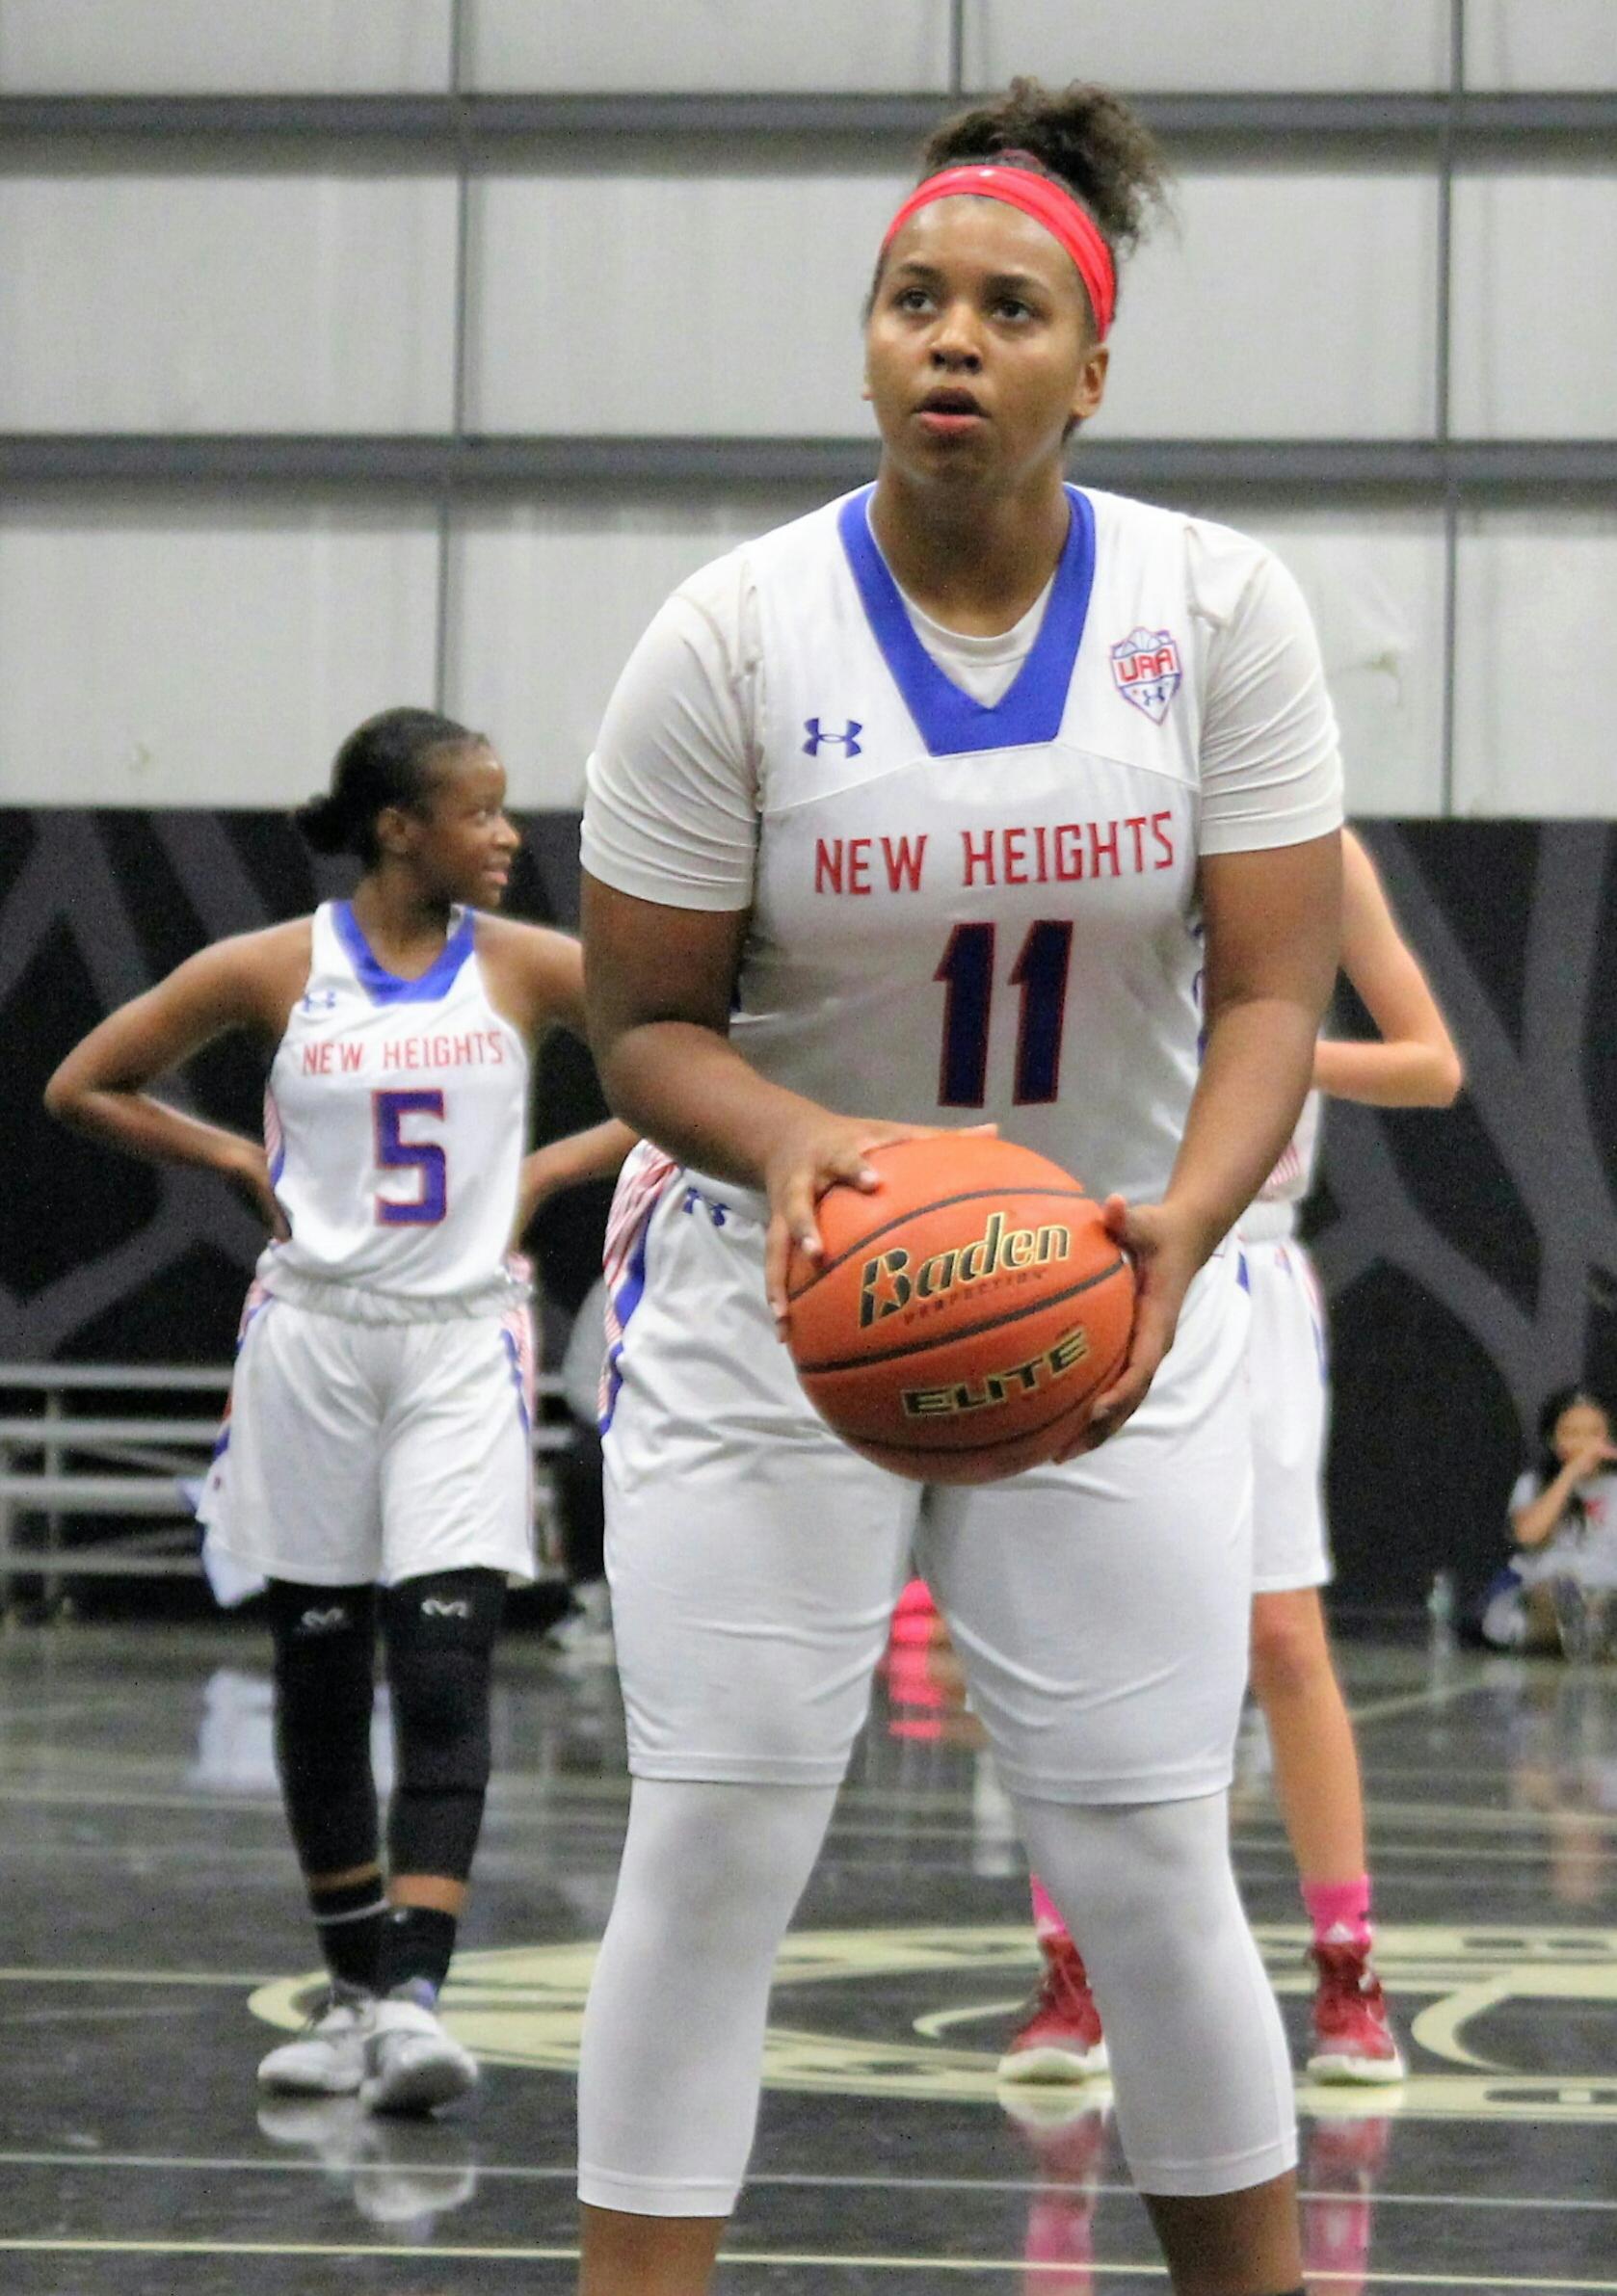 Top Girls Basketball Prospects Hoopgurlz | just b.CAUSE